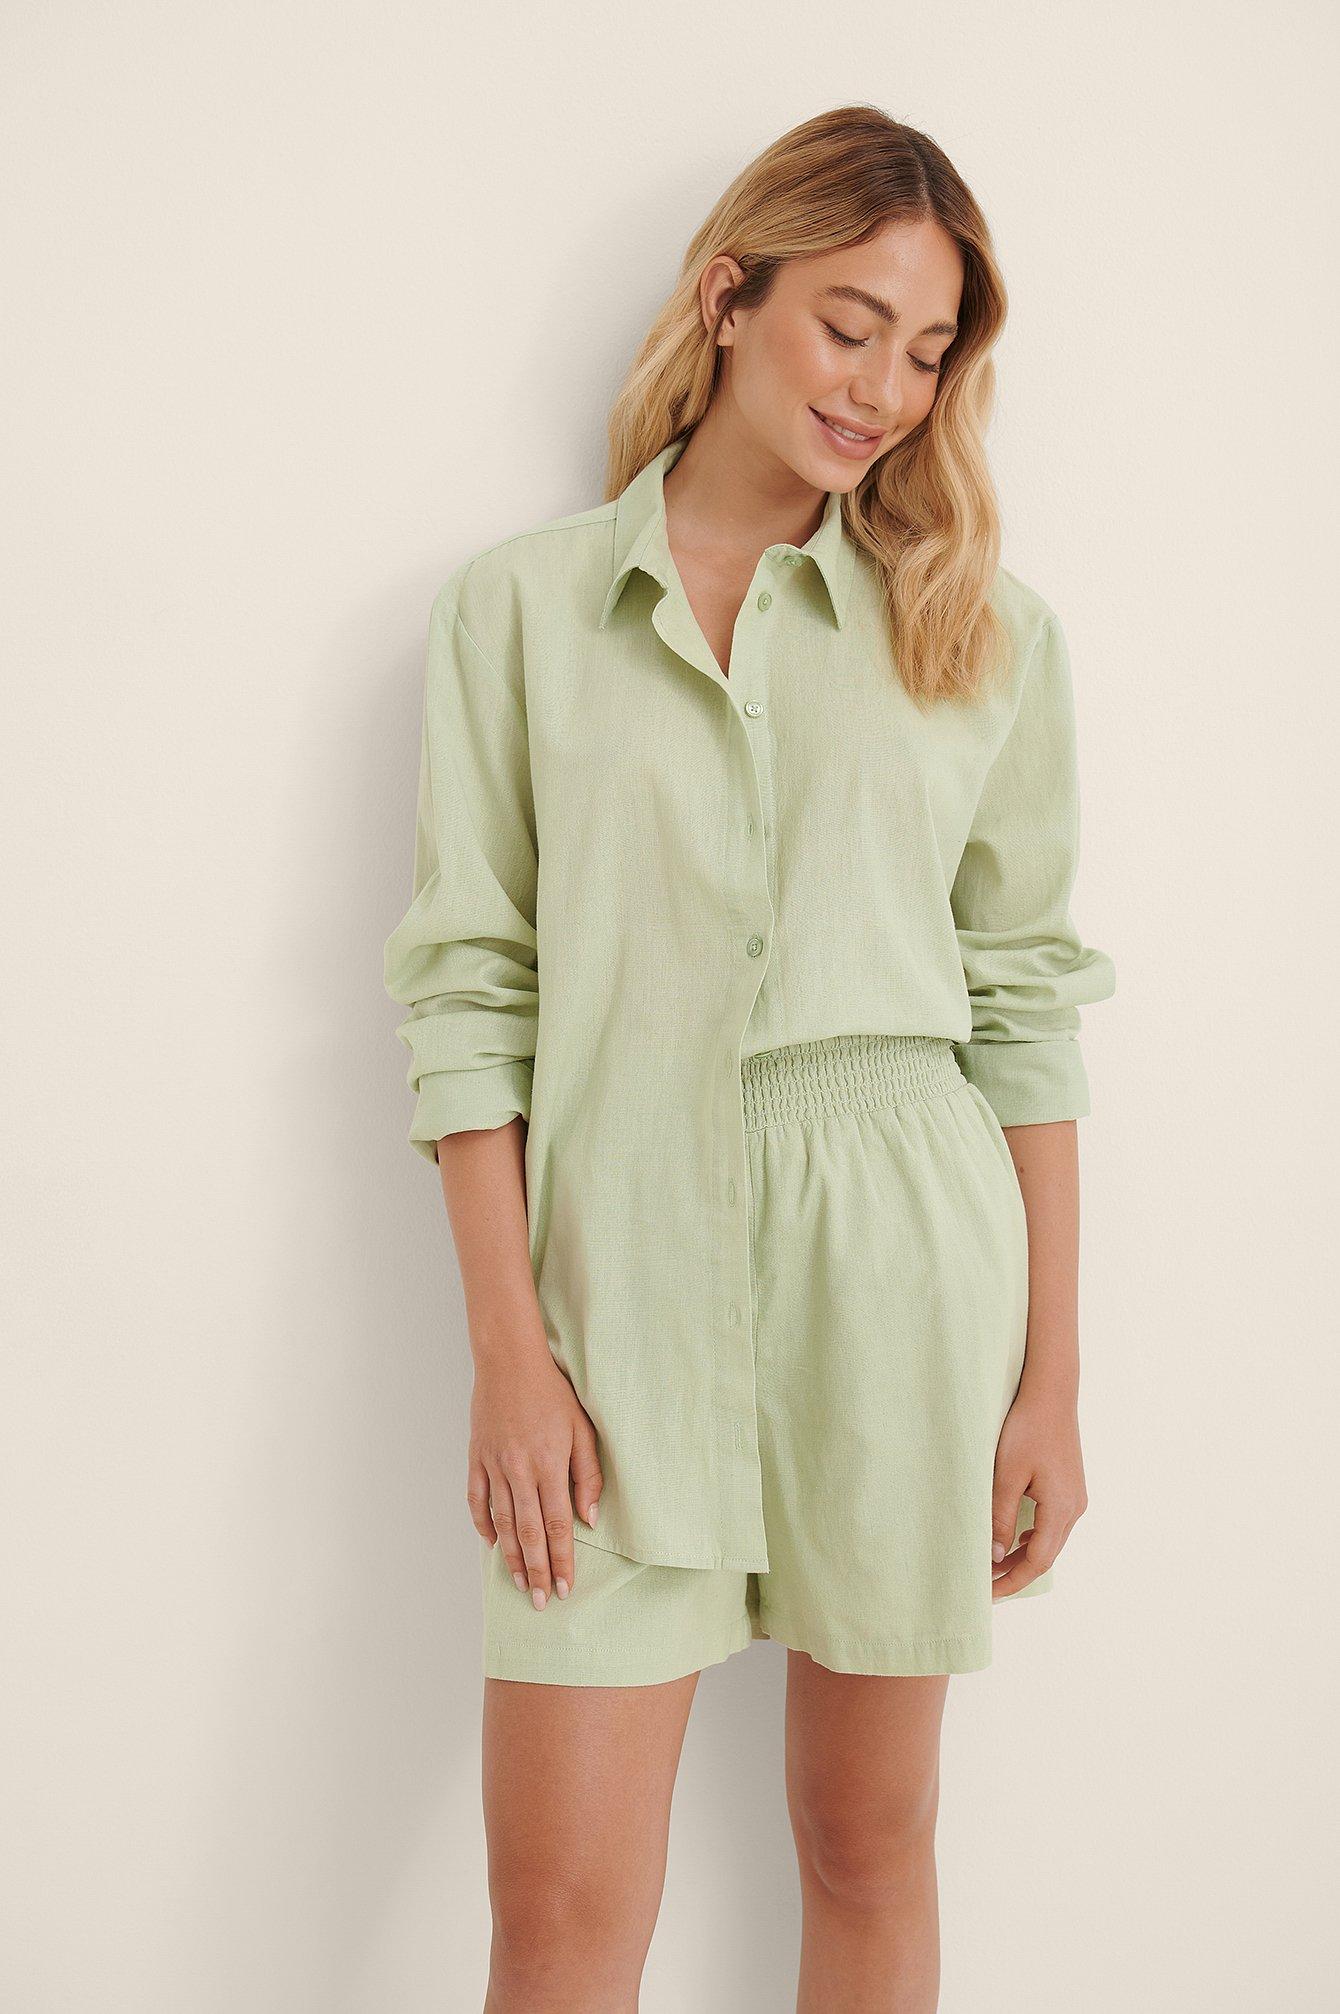 Linen Look Oversized Shirt $41.95